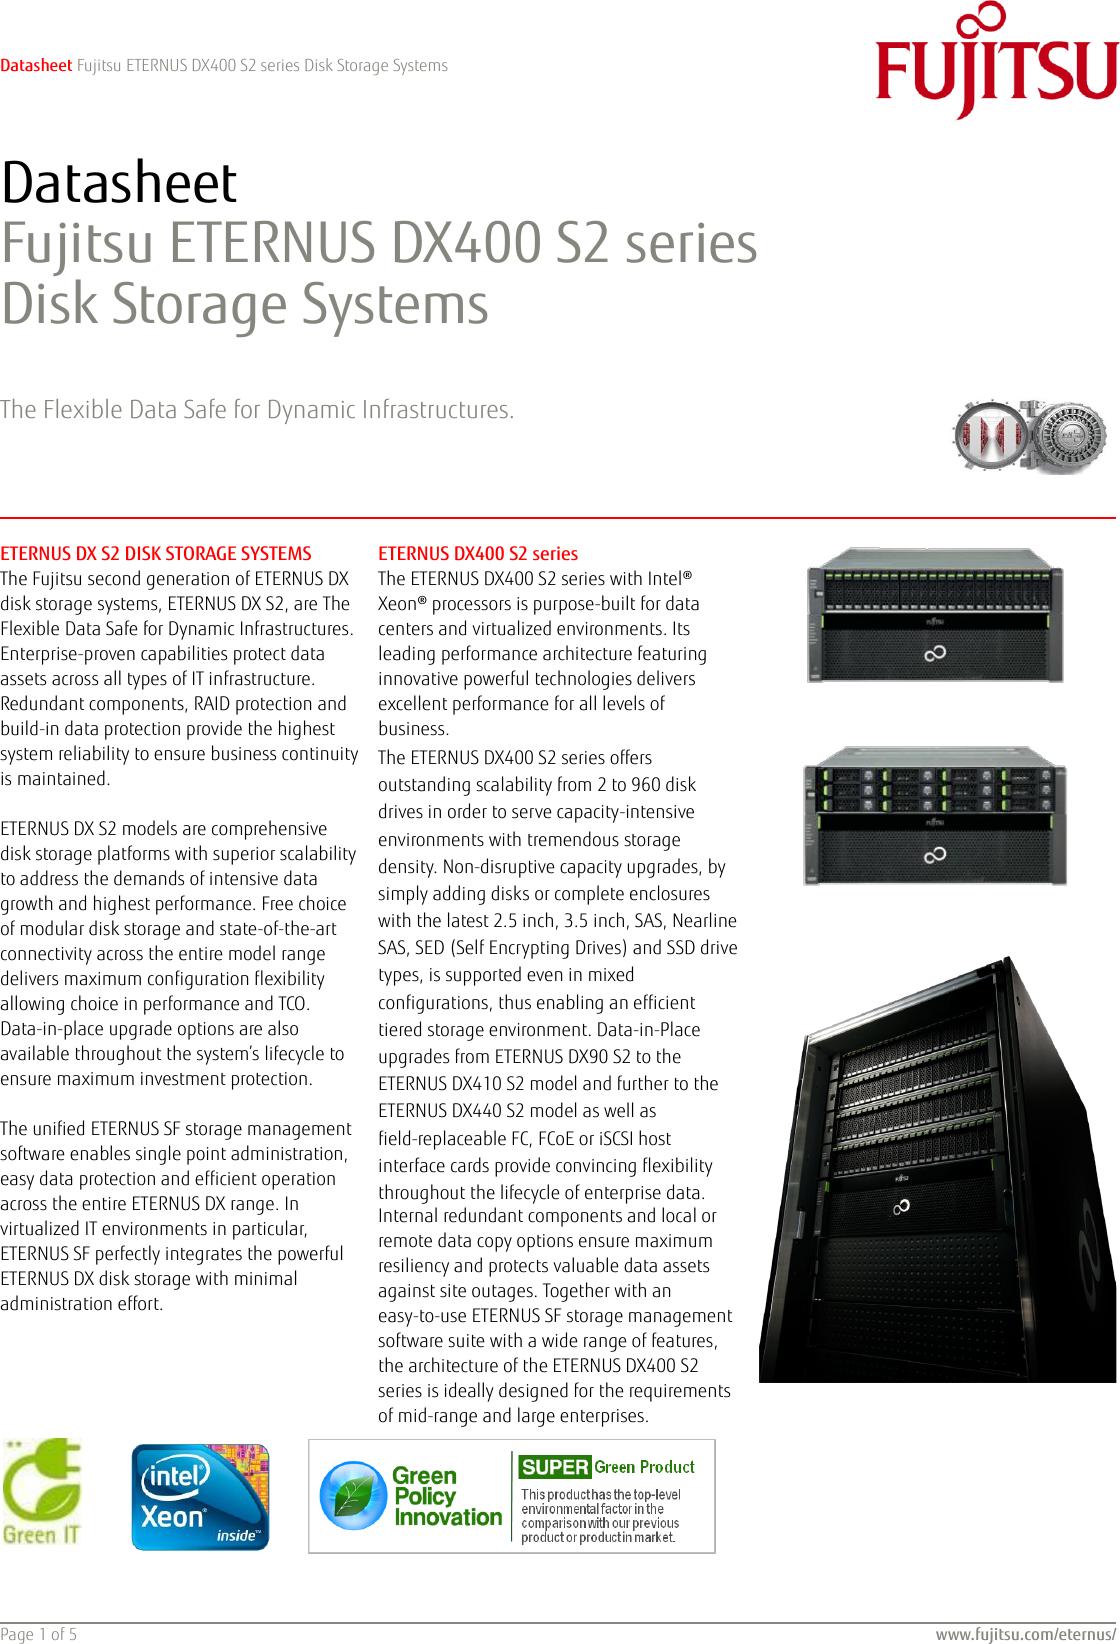 fujitsu eternus dx400 s2 disk storage system datasheet data sheet rh usermanual wiki Data Sheet Examples ABA Data Sheets